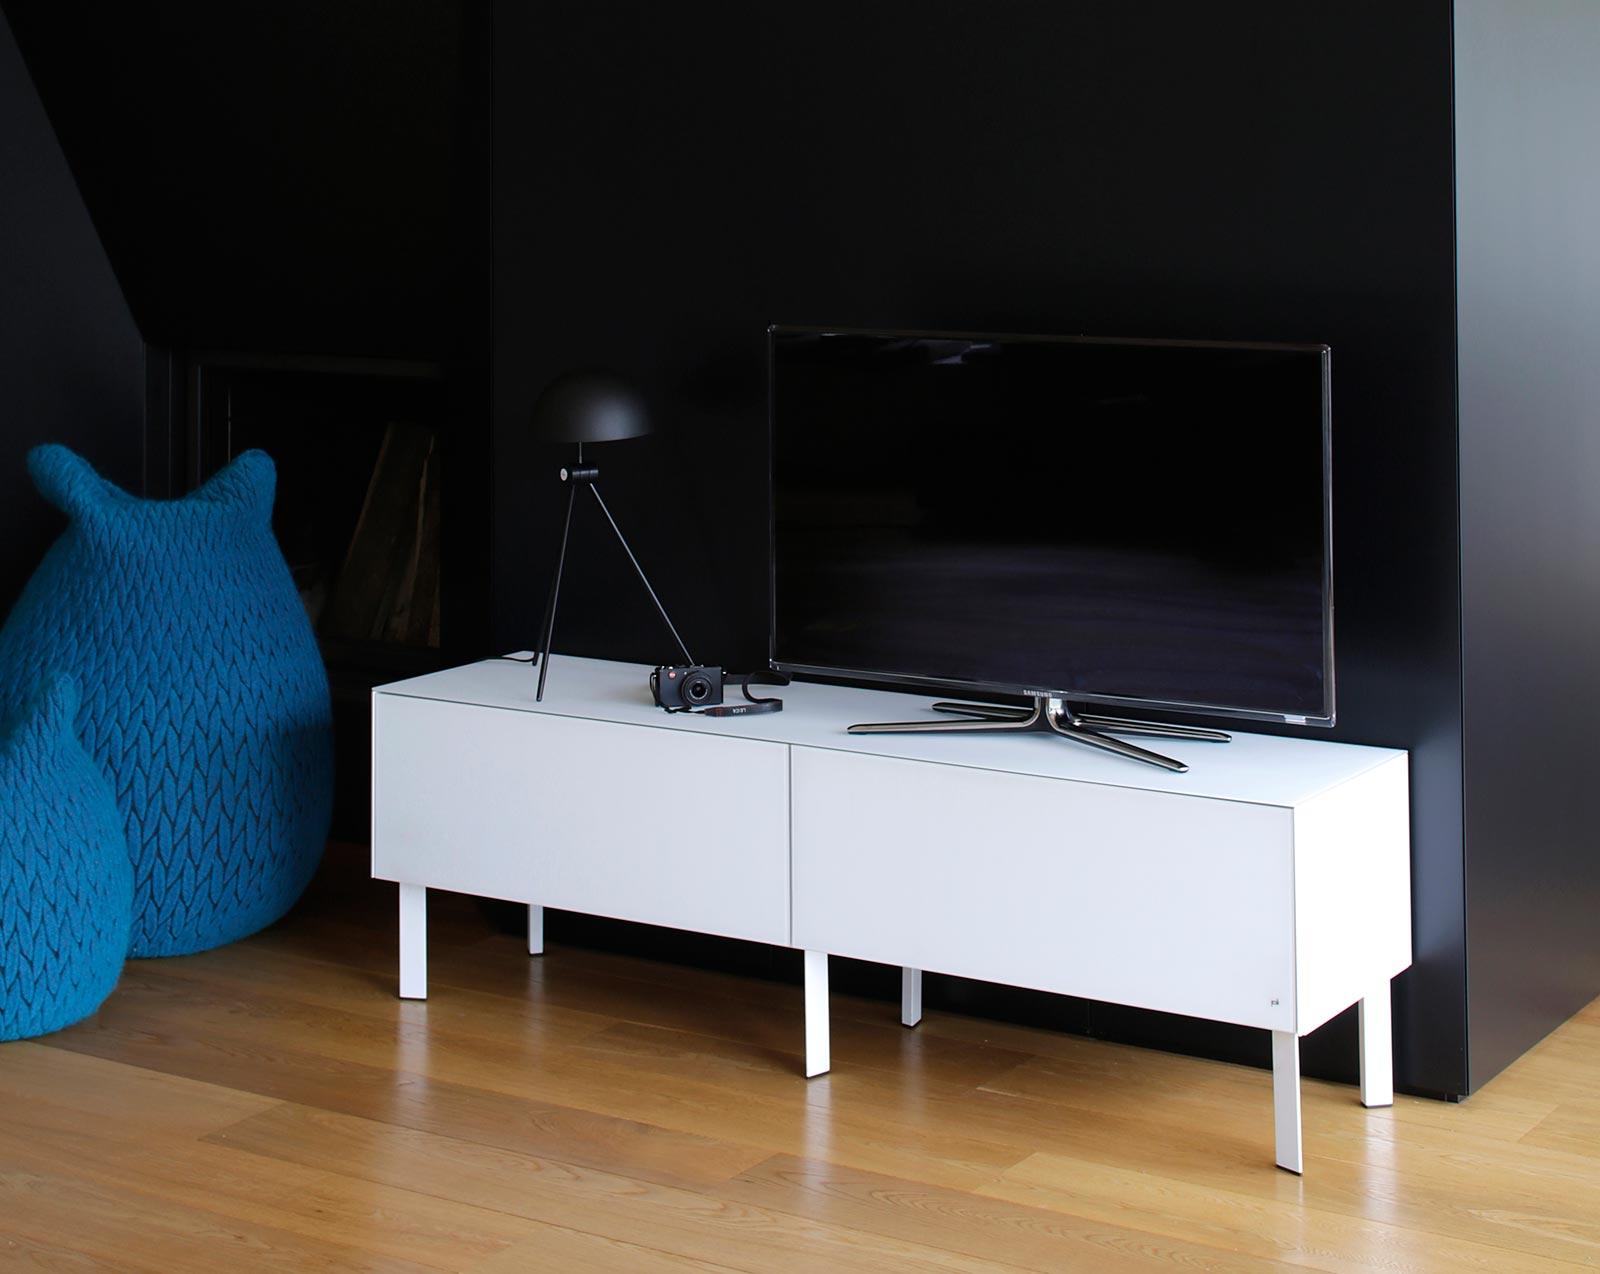 Meuble TV design modèle CUBE de la marque belge JOLI.